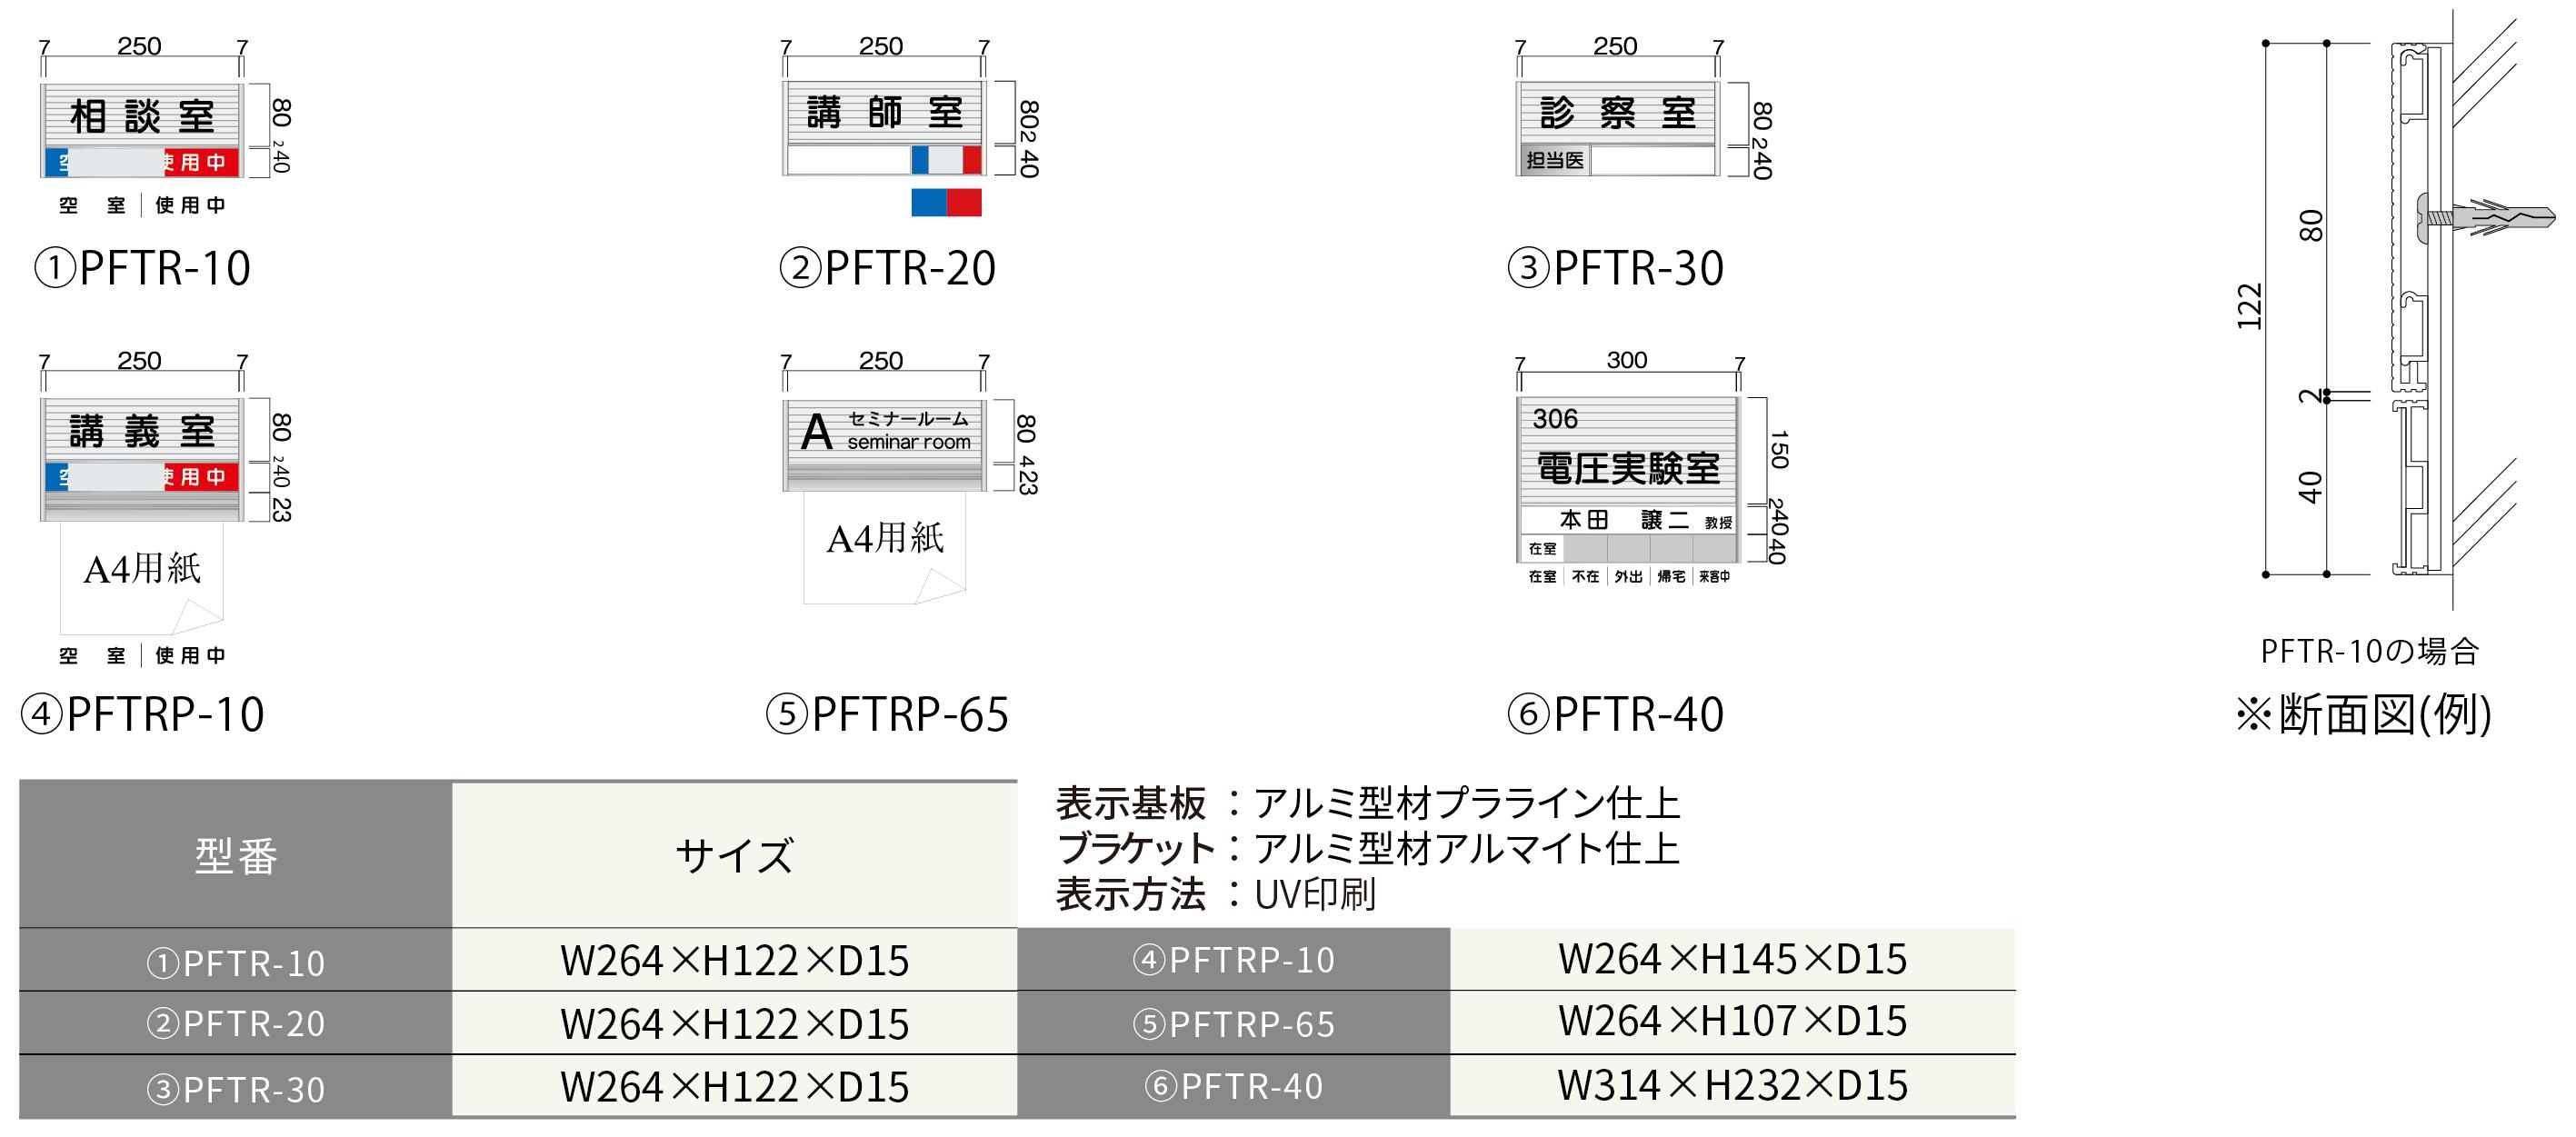 ハッケンルームサイン プララインプレート正面型:在空表示付き